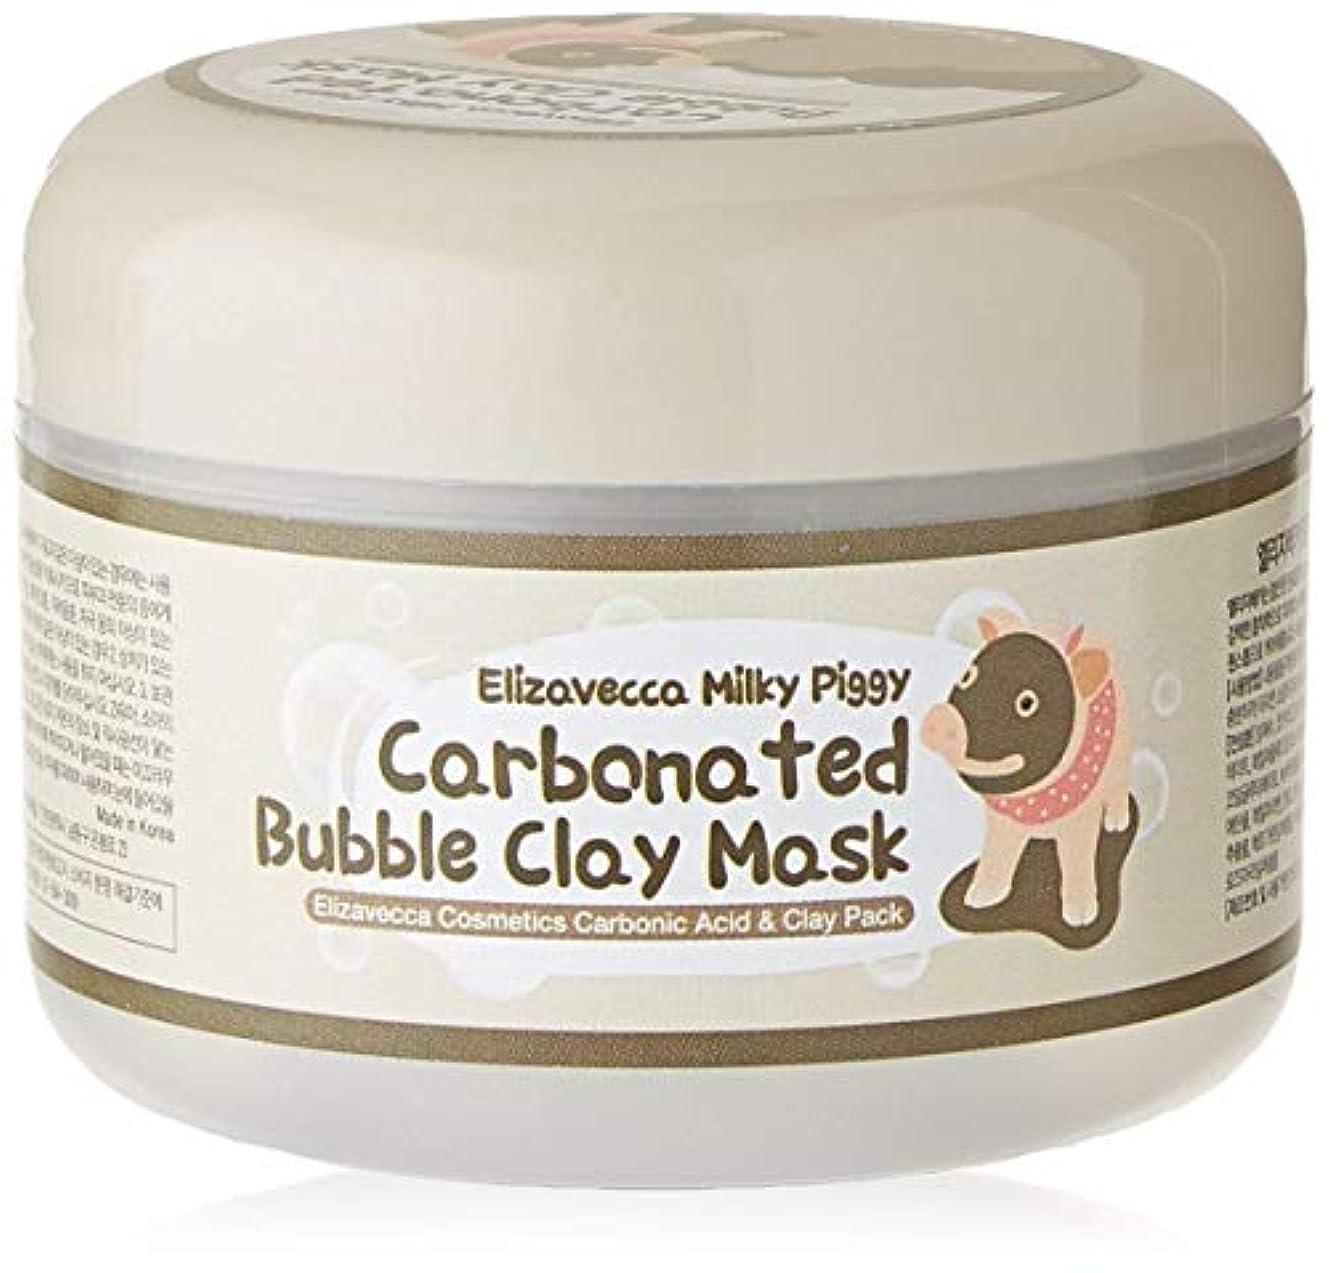 上ヒューム見ましたElizavecca Milky Piggy Carbonated Bubble Clay Mask 100g